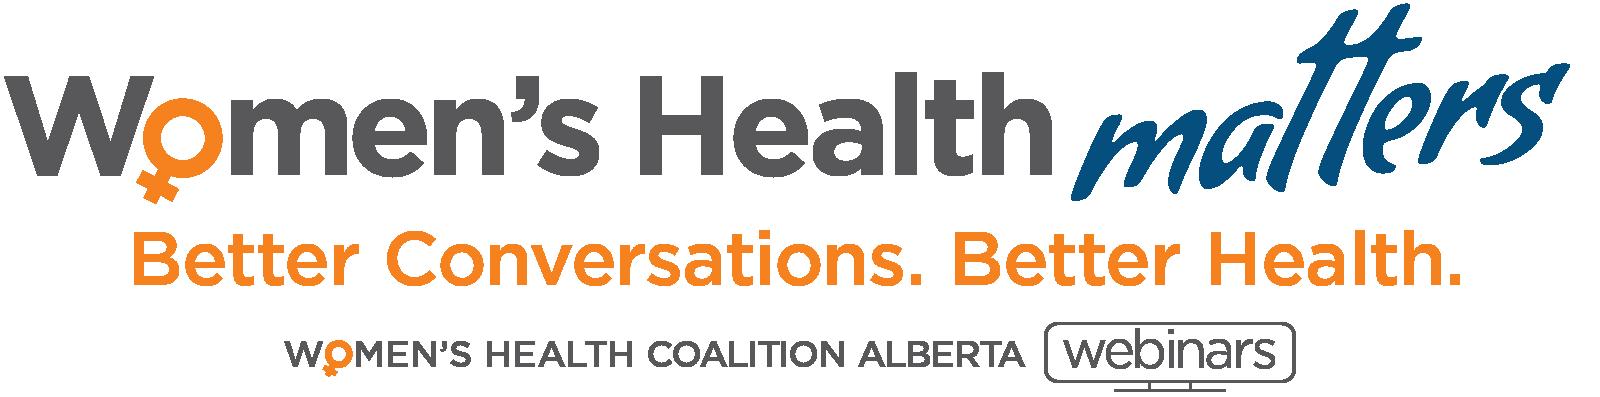 Women's Health Matters - Better Conversations. Better Health.